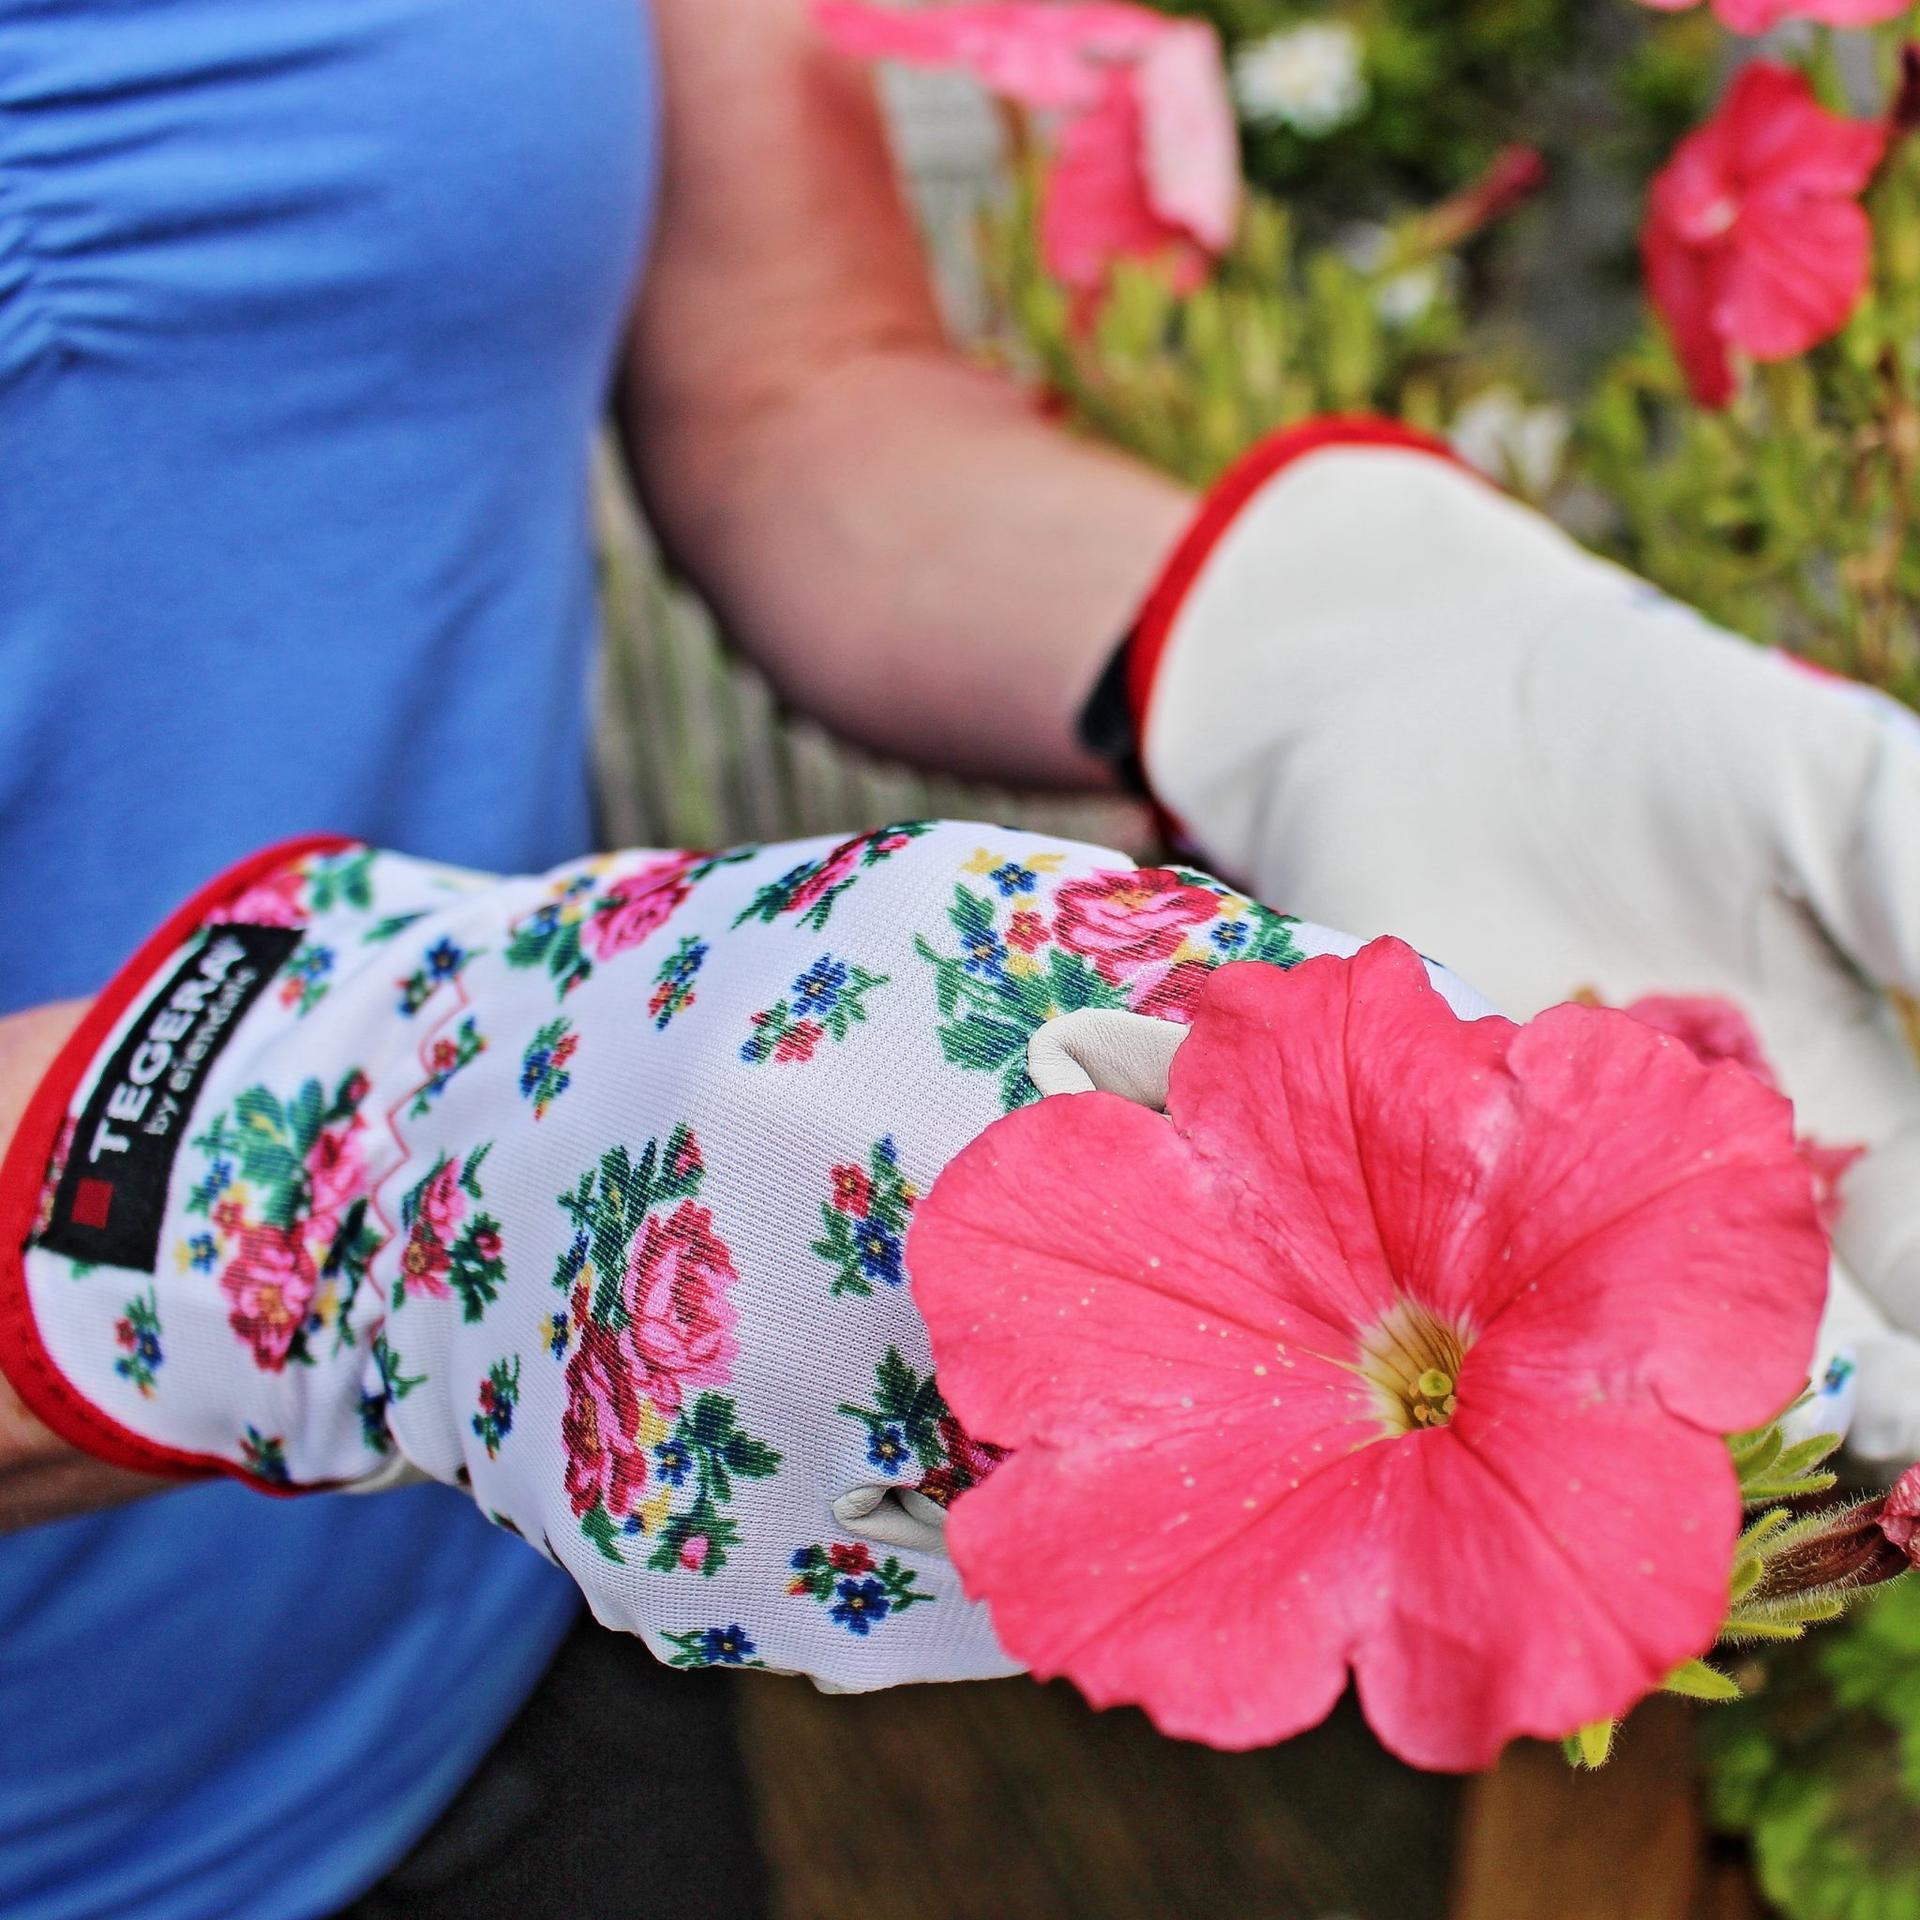 Tegera rukavice do záhrady - Rukavice zo syntetickej kože Tegera® 90014, z jarnej kolekcie Tällberg